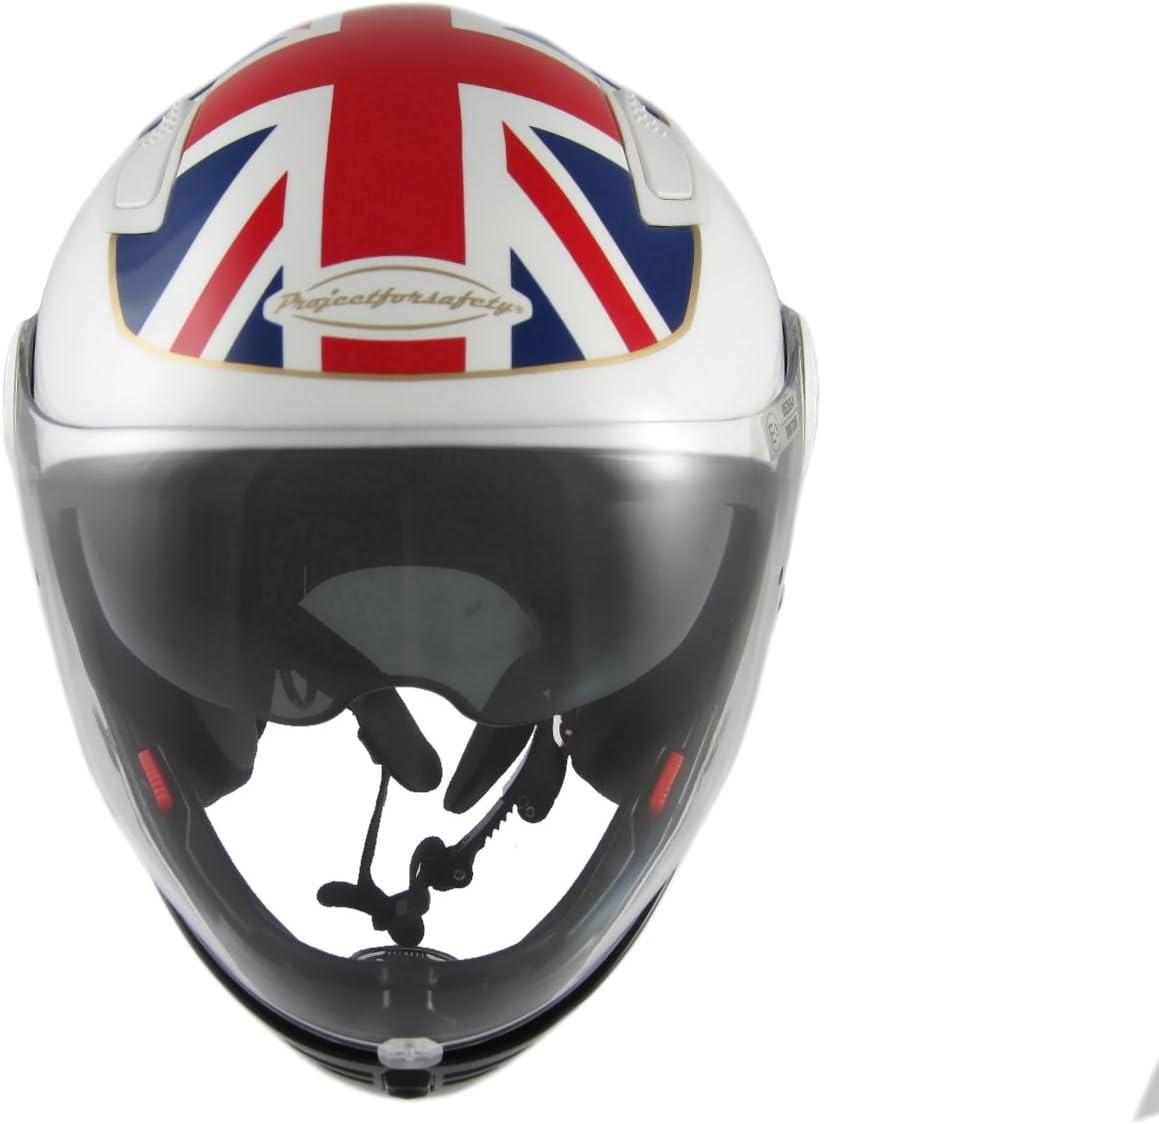 60CM Bianco Motorradhelm mit doppeltem Visier und doppeltem Visier PJ EVO 06 UK FLAG XL zugelassen in Italien ECE 22.05 E3 Mod